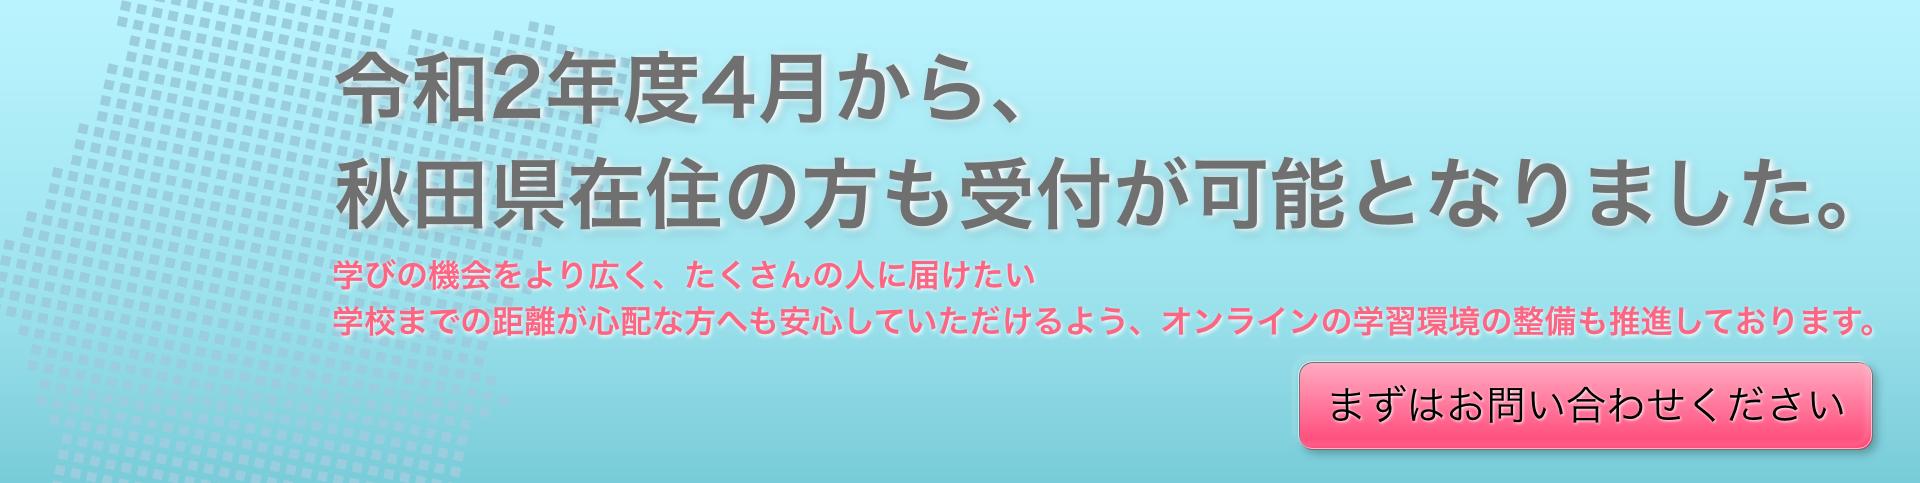 令和2年4月から、秋田地区の受付も可能となりました